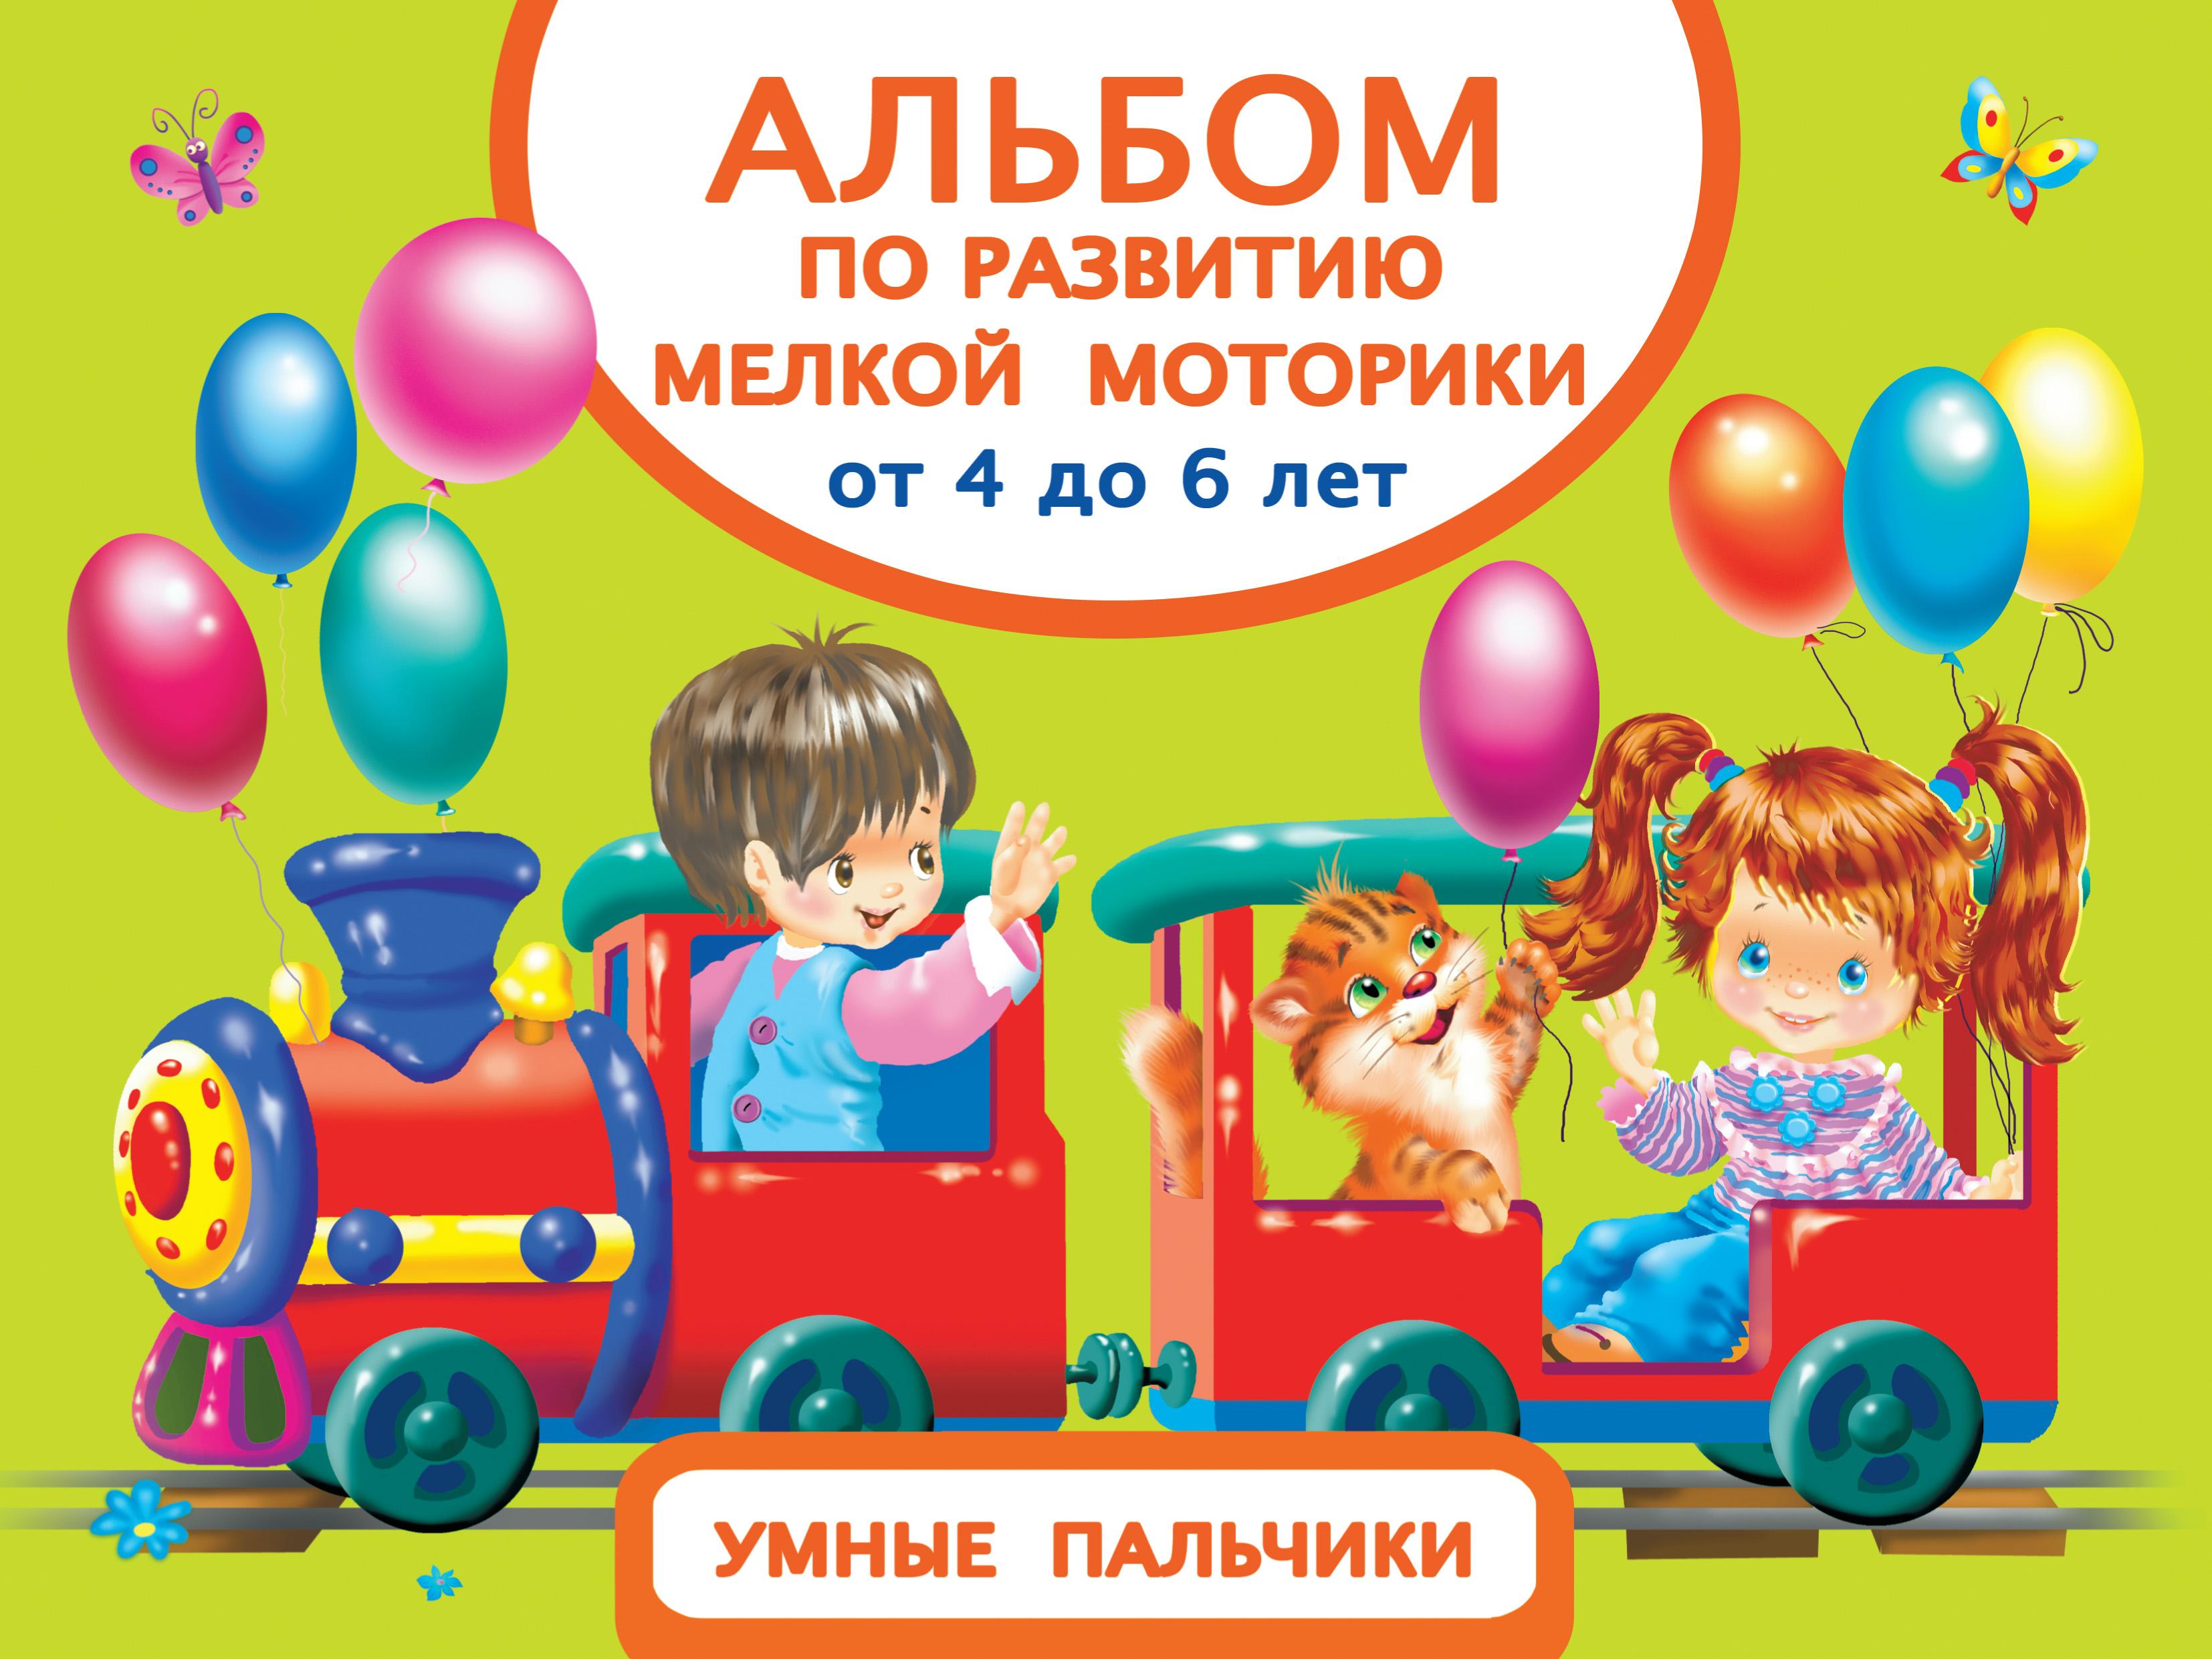 цена на В. Г. Дмитриева Альбом по развитию мелкой моторики. Умные пальчики. От 4 до 6 лет